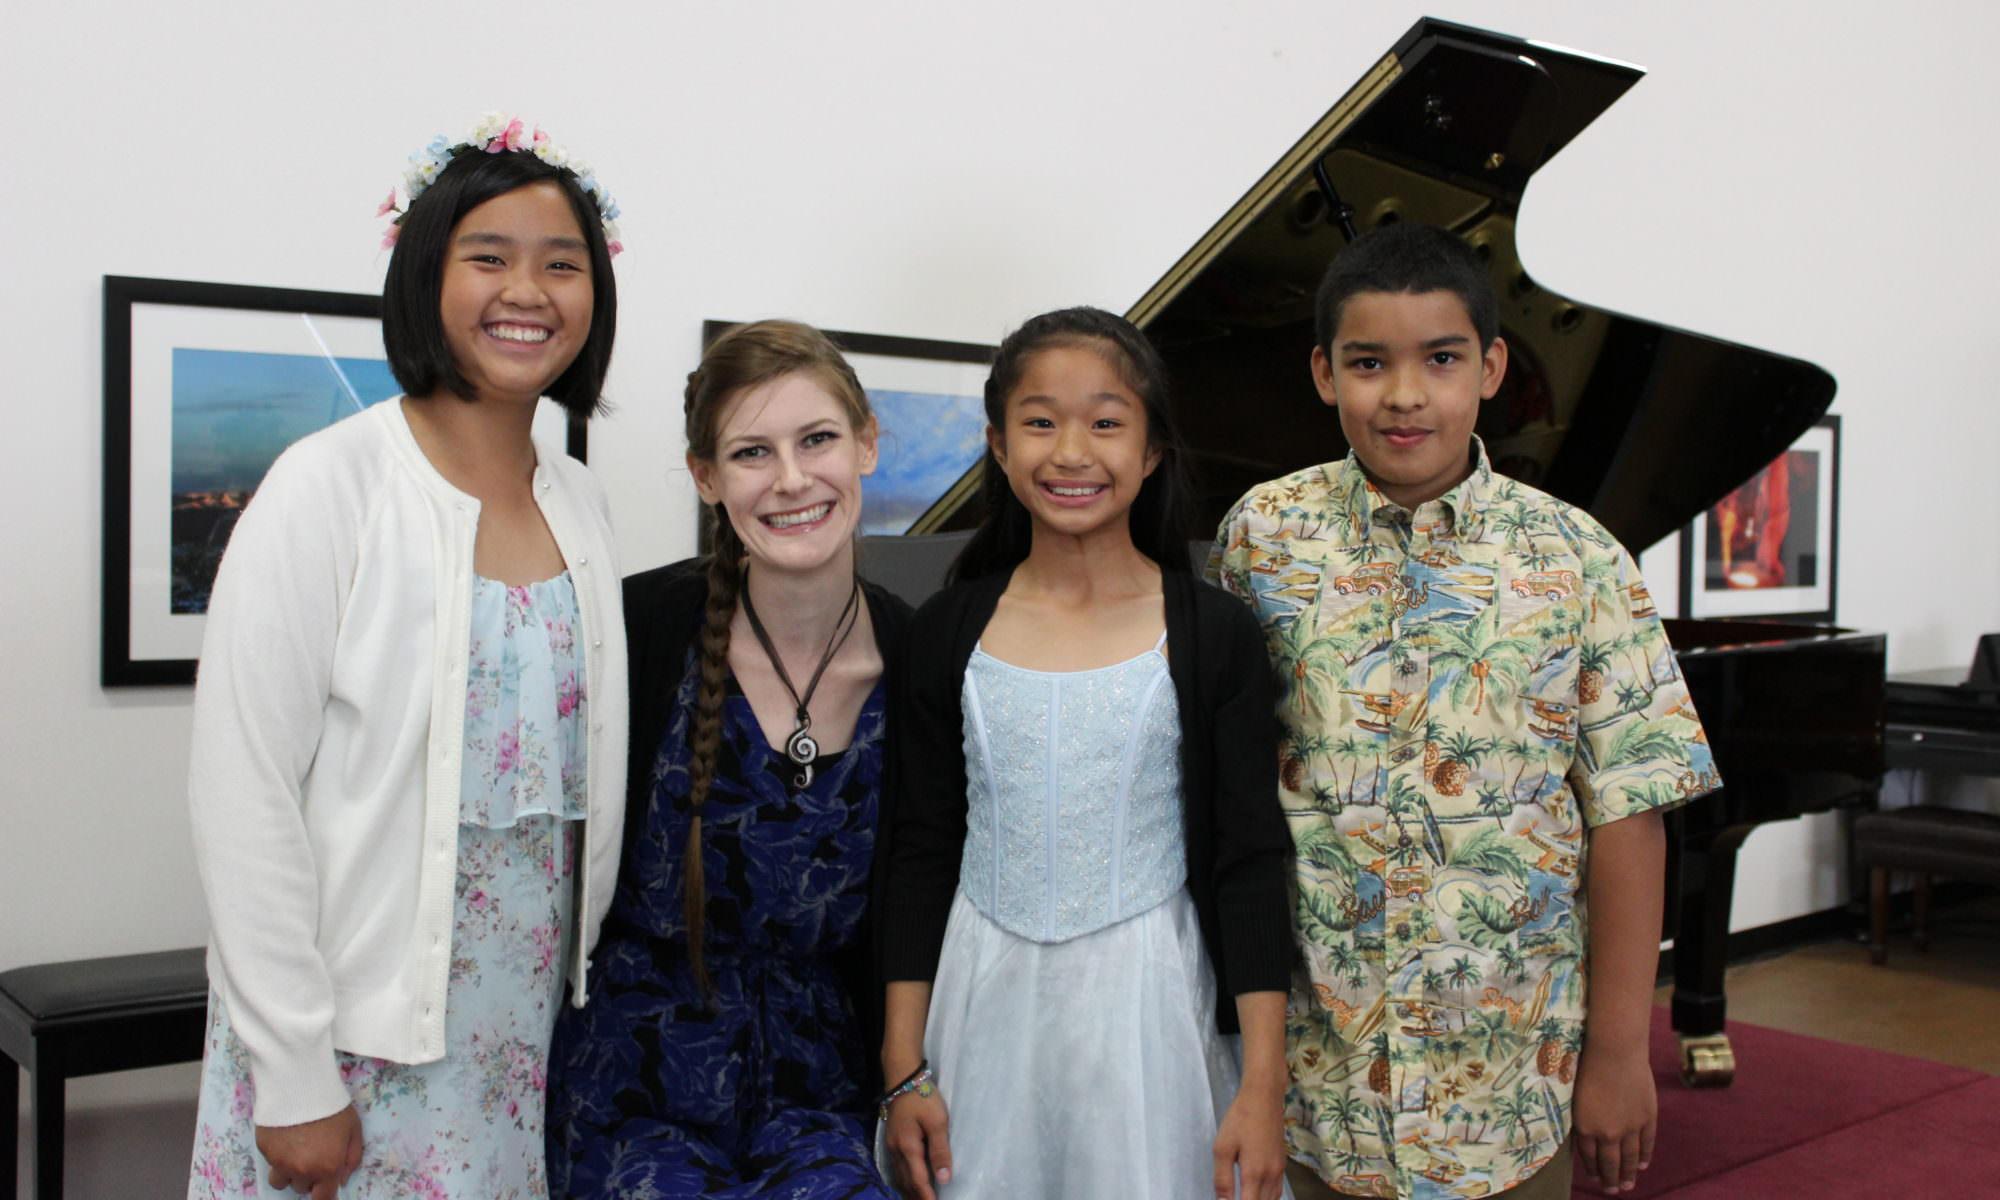 Samara Rice and students at the piano